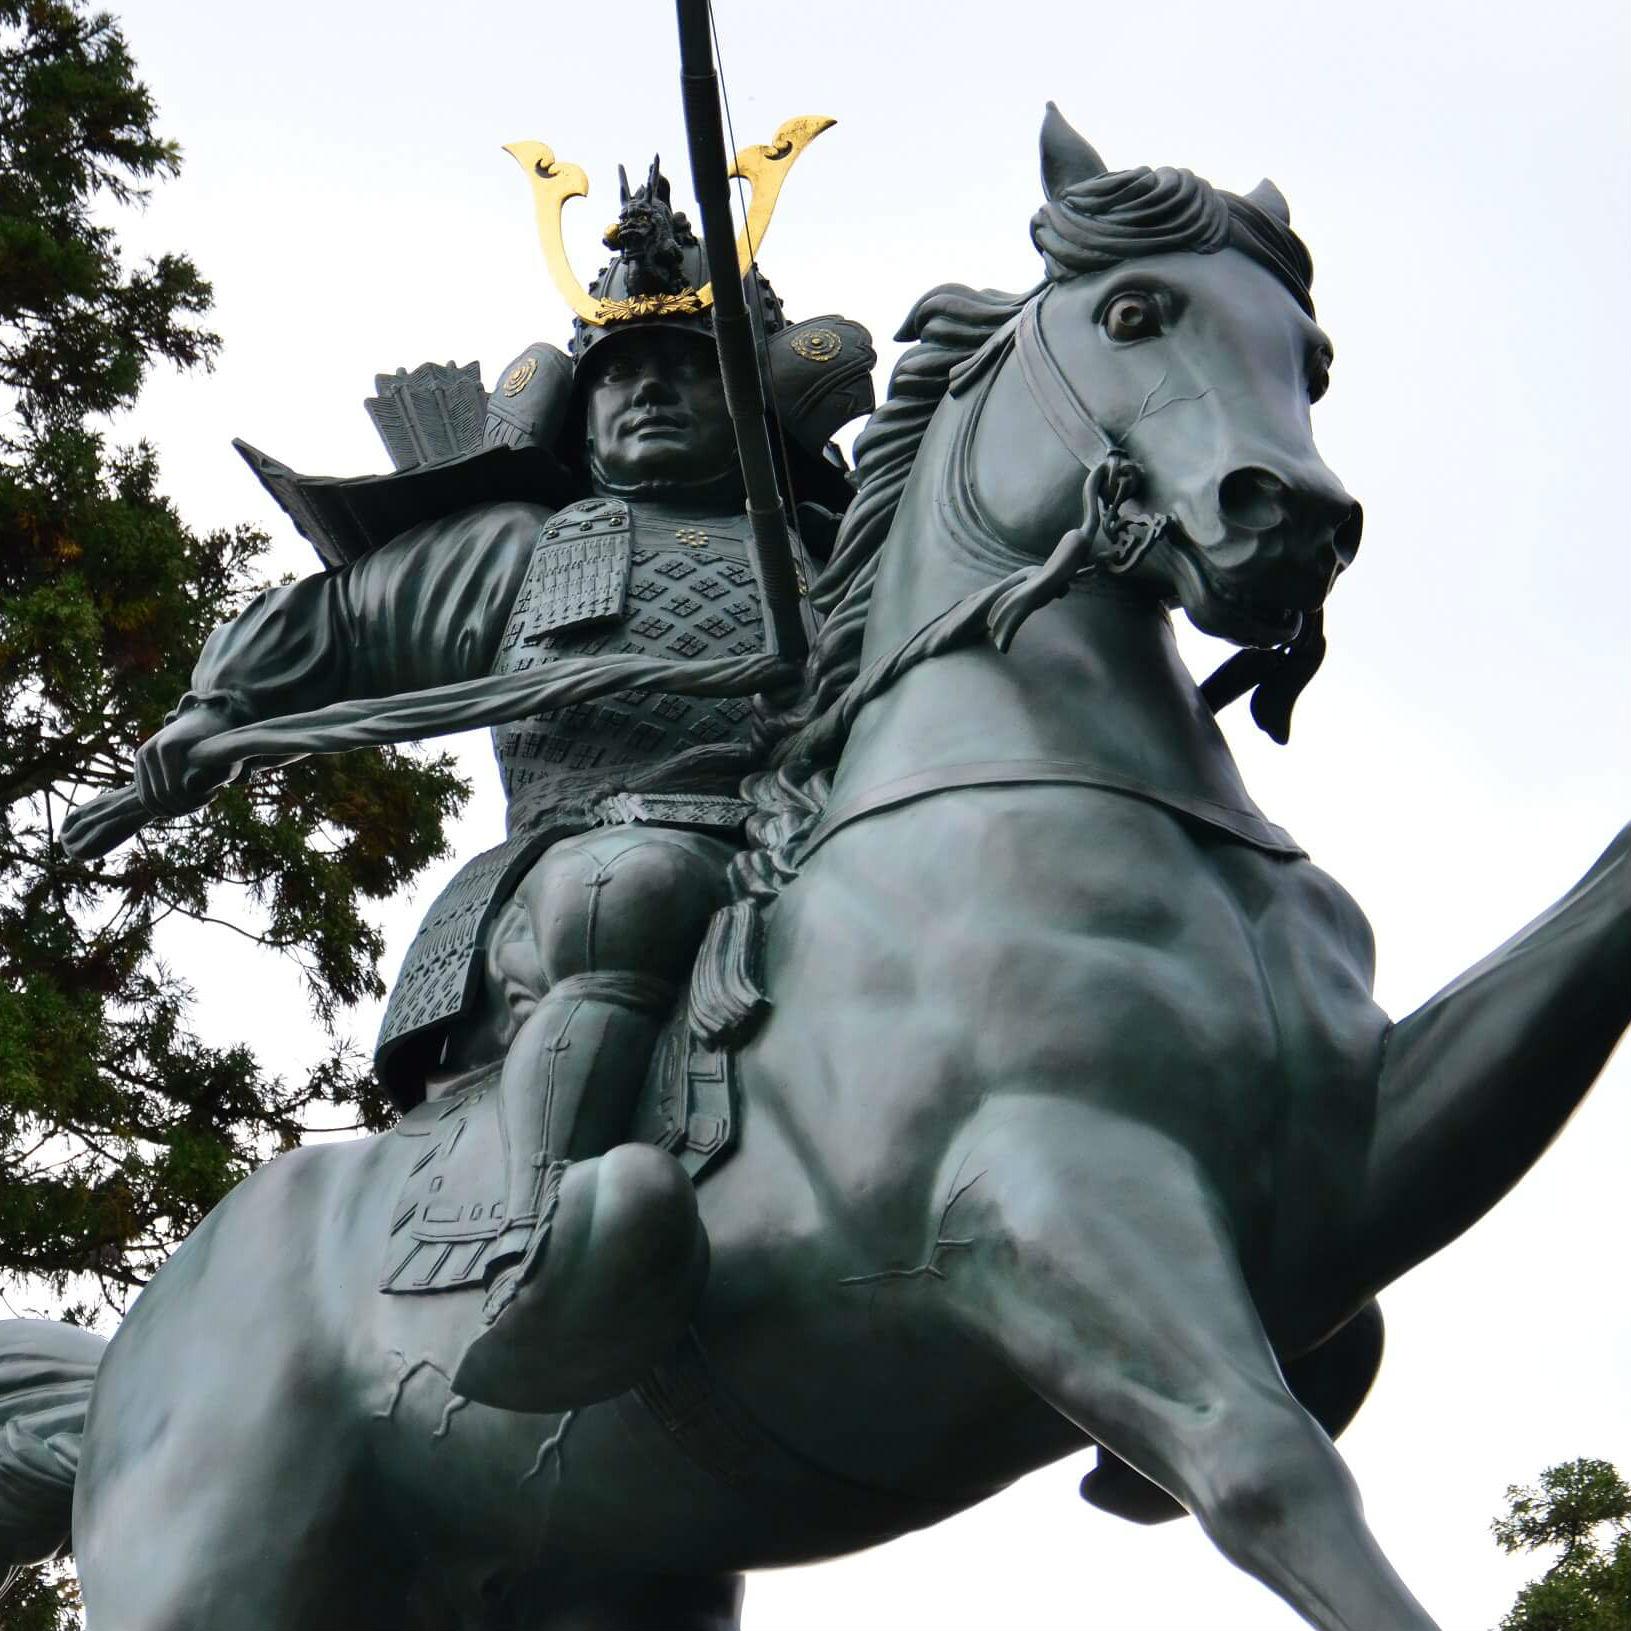 女武者・巴御前と共に、平家の大軍に挑んだ!<br />庶民に慕われた源氏の英雄 猛将 木曽義仲を知る